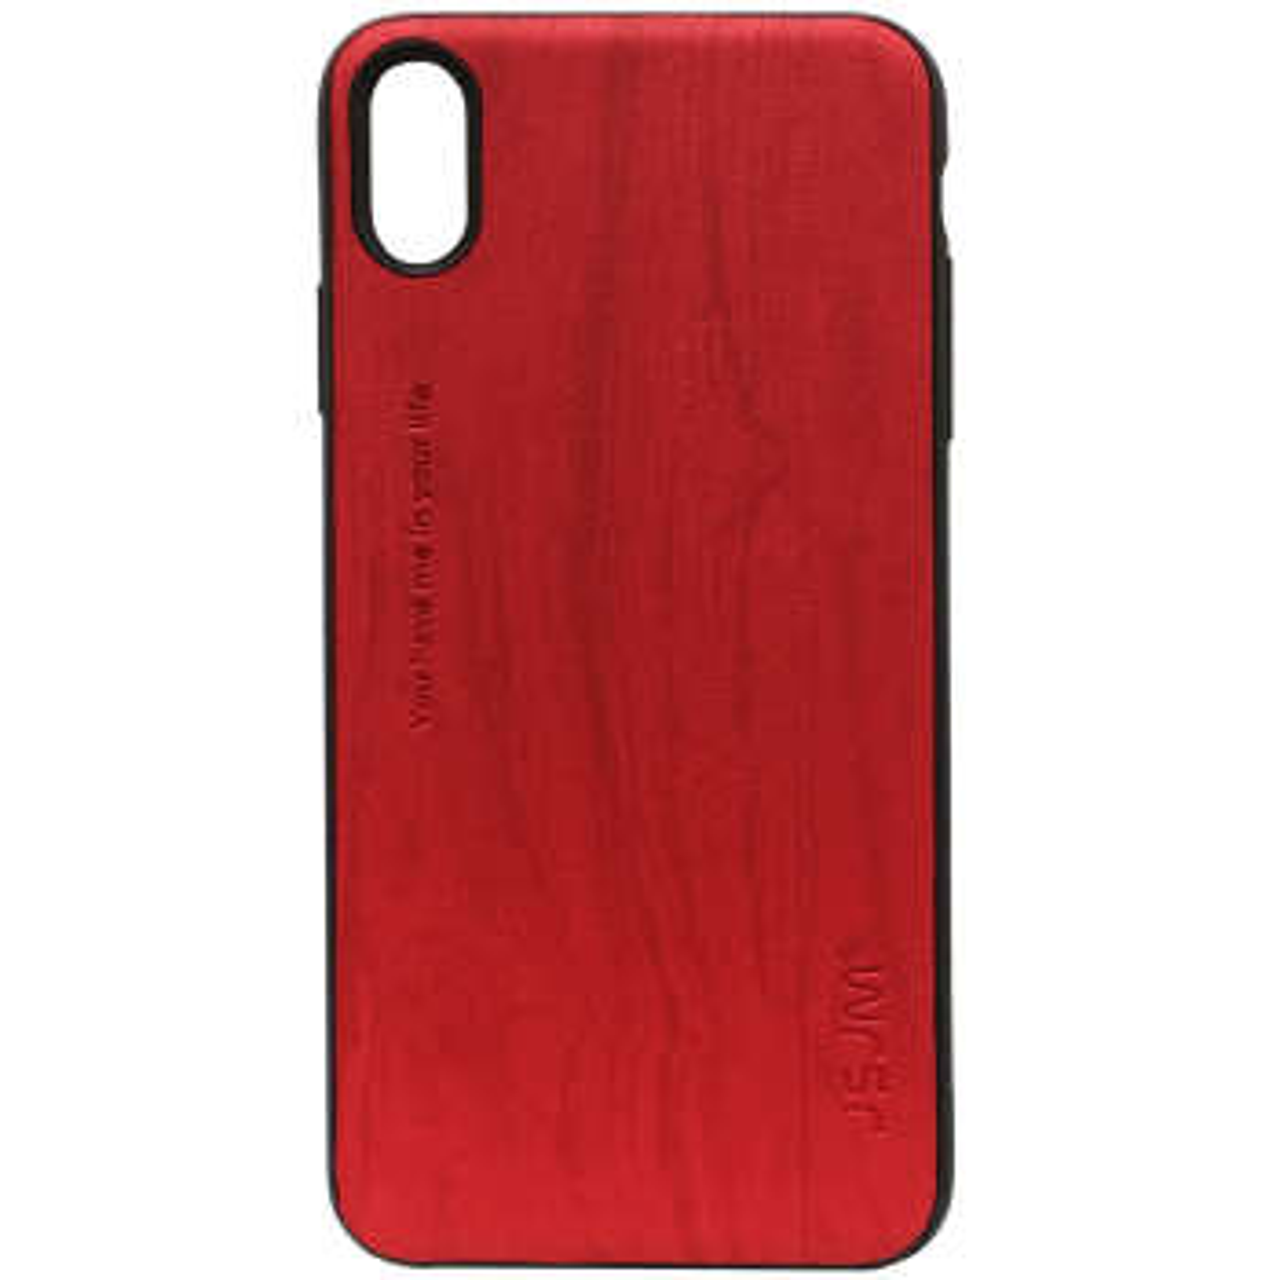 کاور جی اس جی ام مدل Wood Design مناسب برای گوشی موبایل Iphone XS MAX